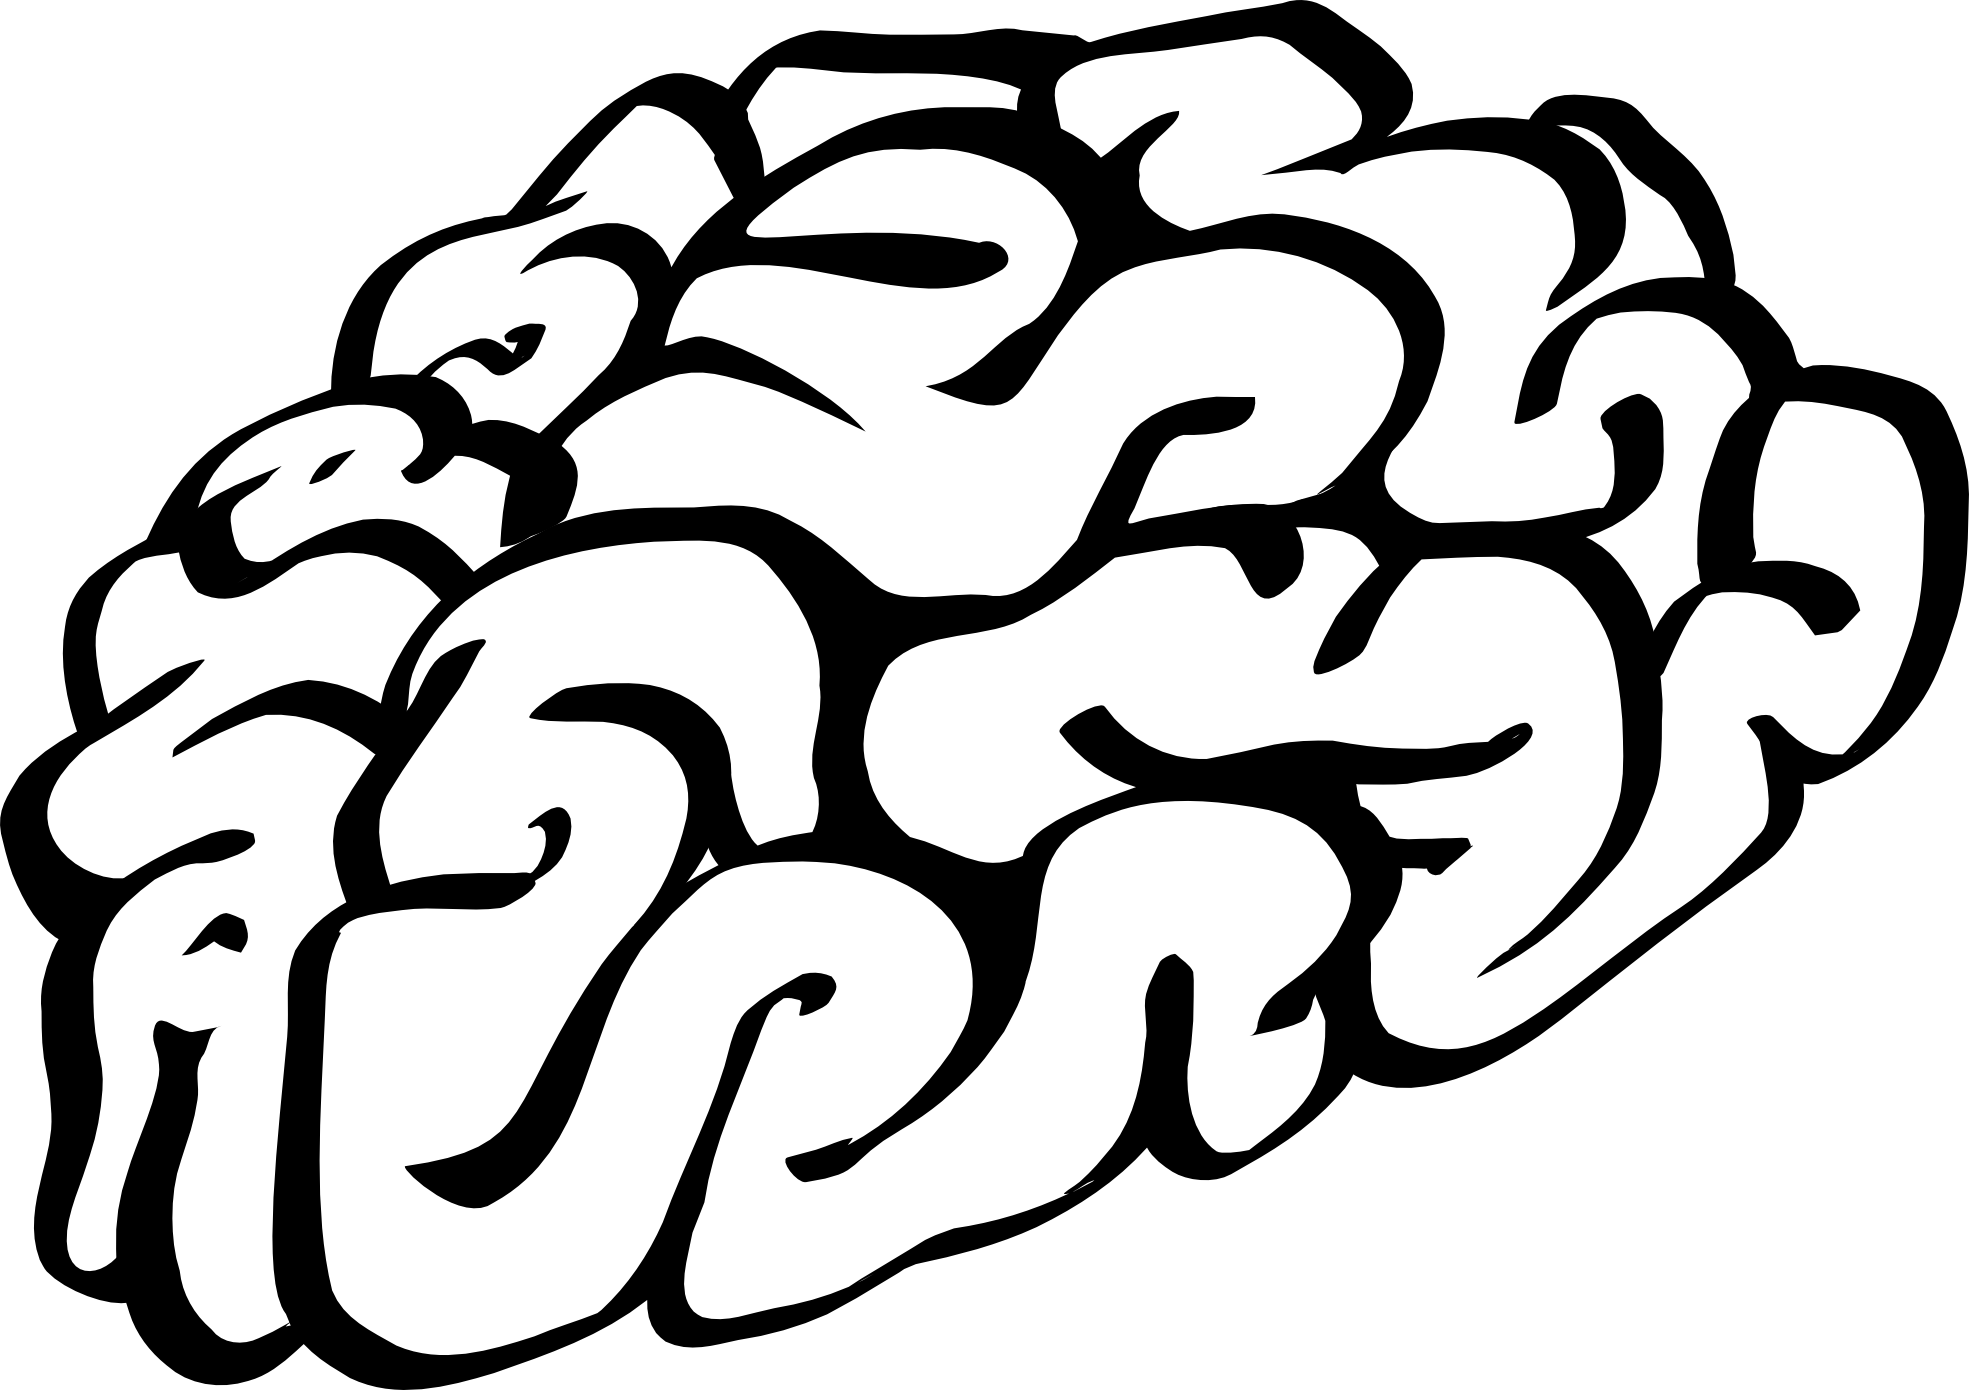 Brain clip art black and white human brain cartoon of a black